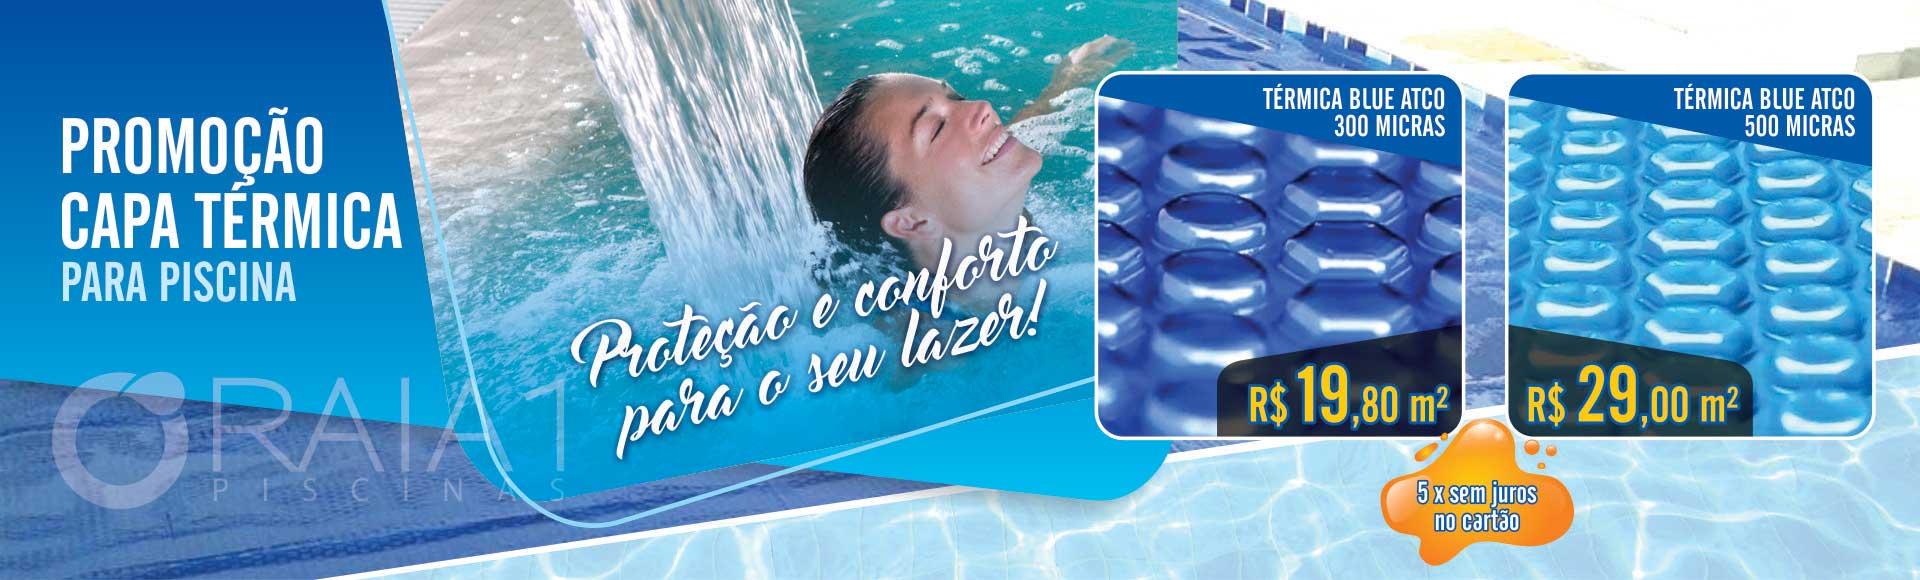 oferta-capa-térmica-para-piscina-bh